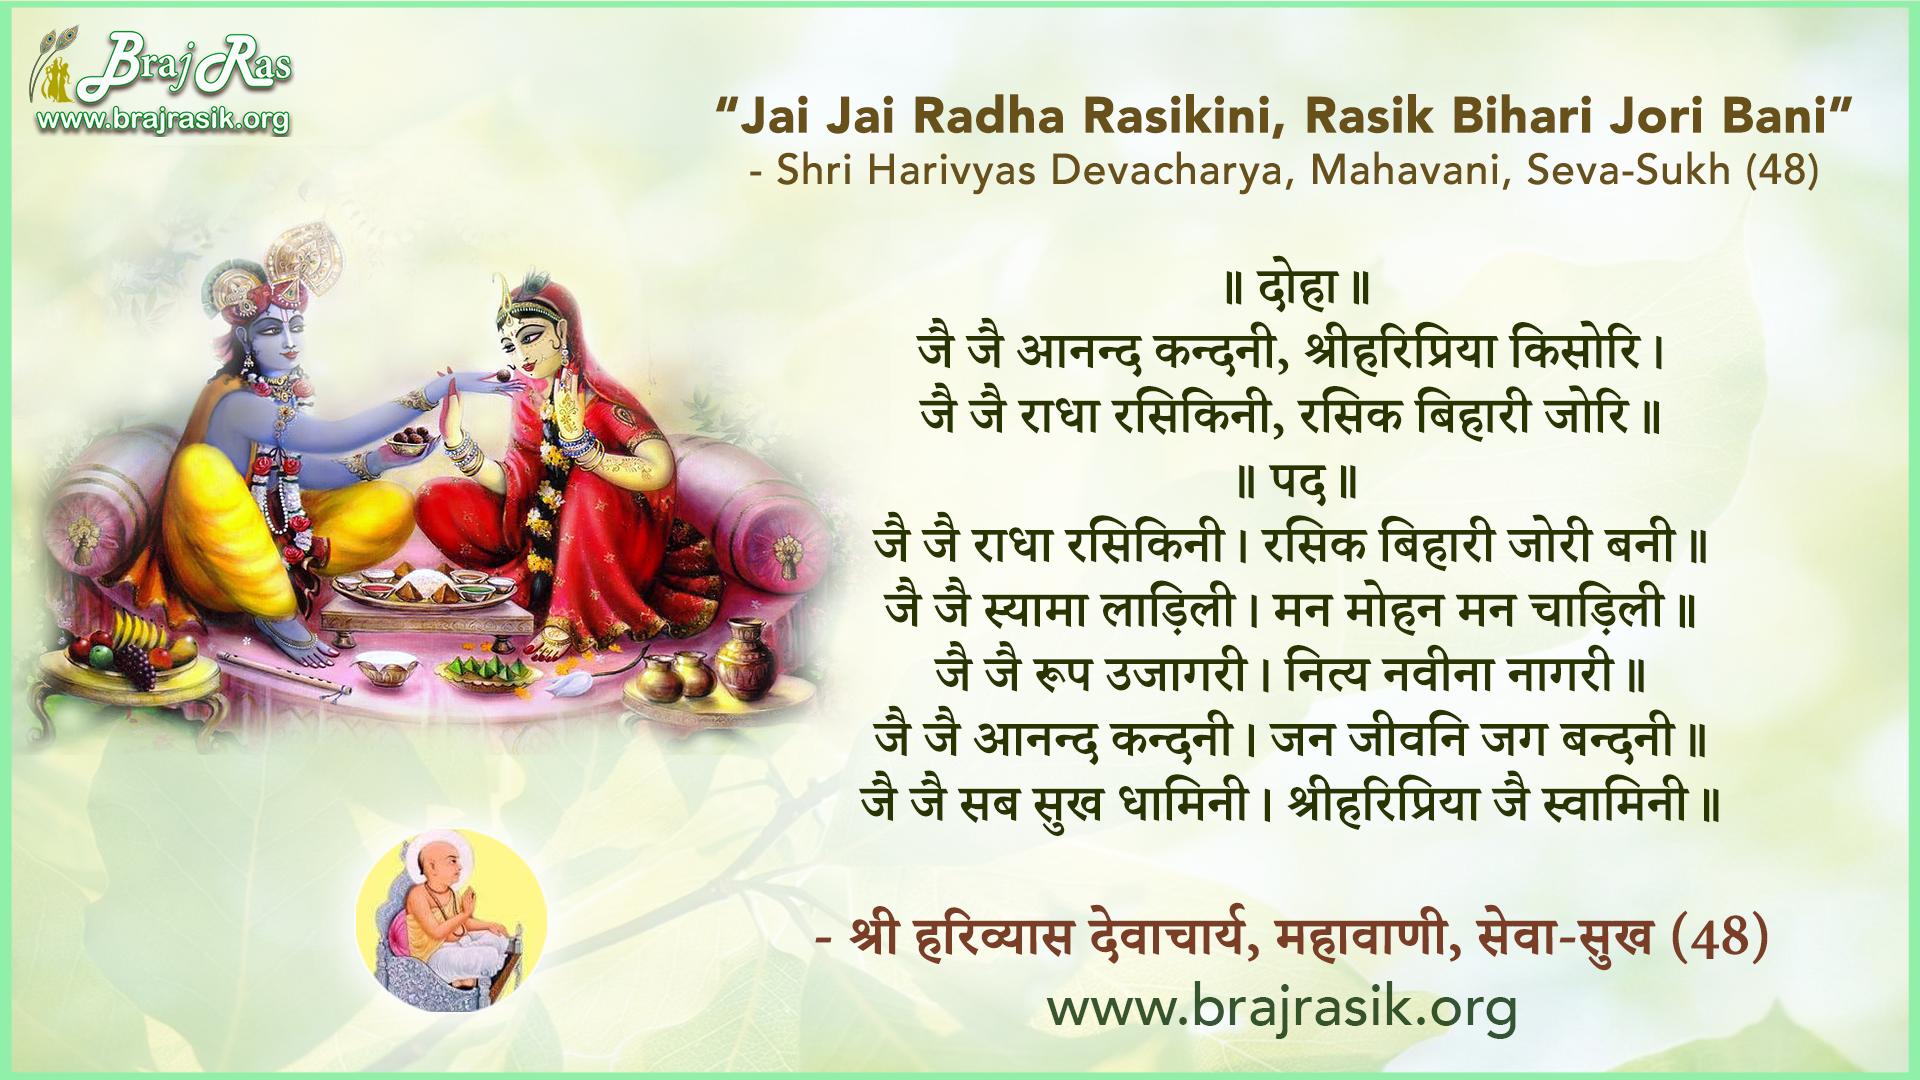 Jai Jai Radha Rasikini, Rasik Bihari Jori Bani - Shri Harivyas Devacharya, Mahavani, Seva-Sukh (48)